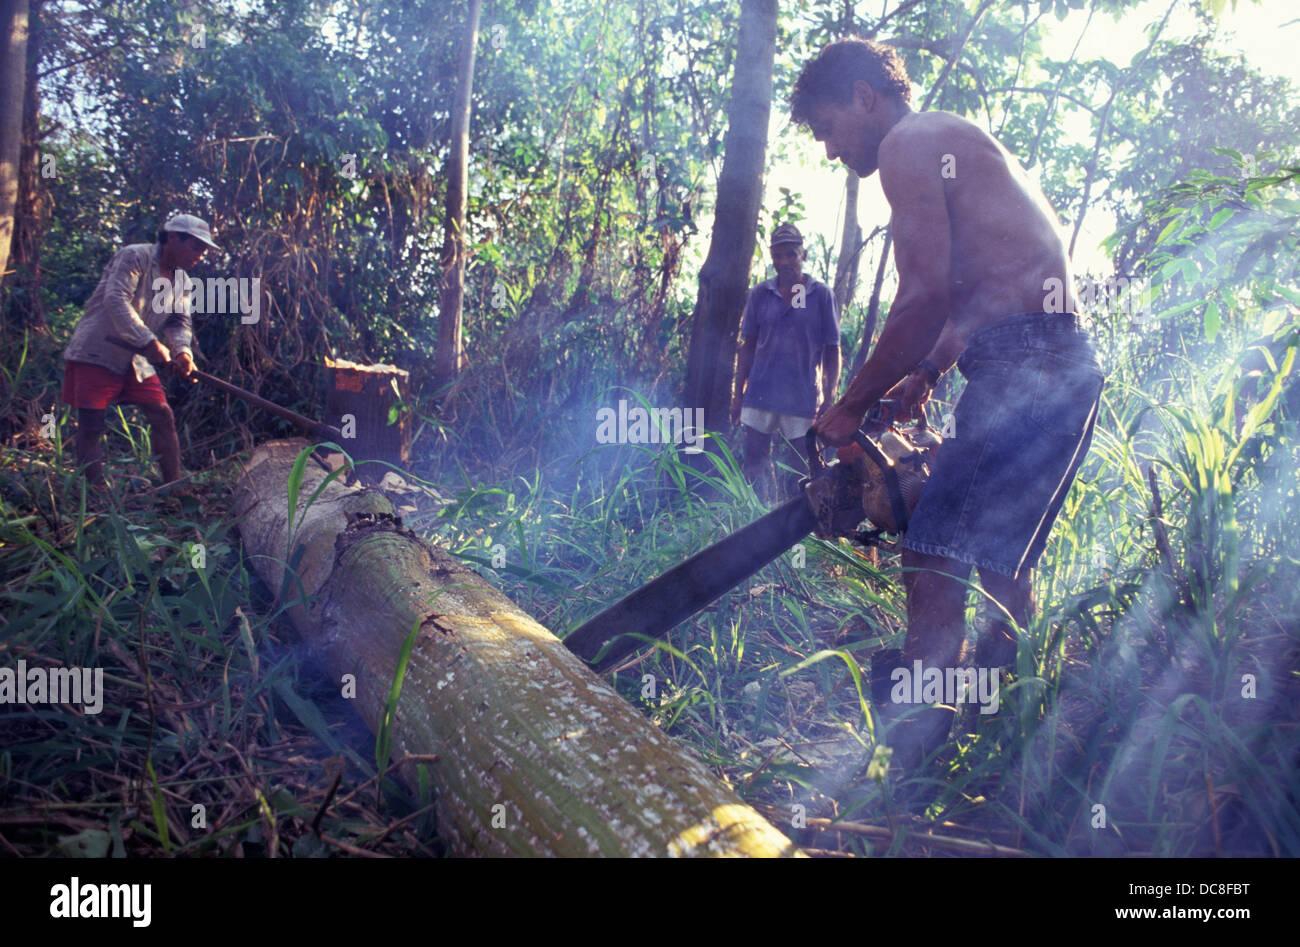 Il disboscamento illegale, il taglio di alberi con chainsaw, Amazon rain forest deforestazione. Immagini Stock